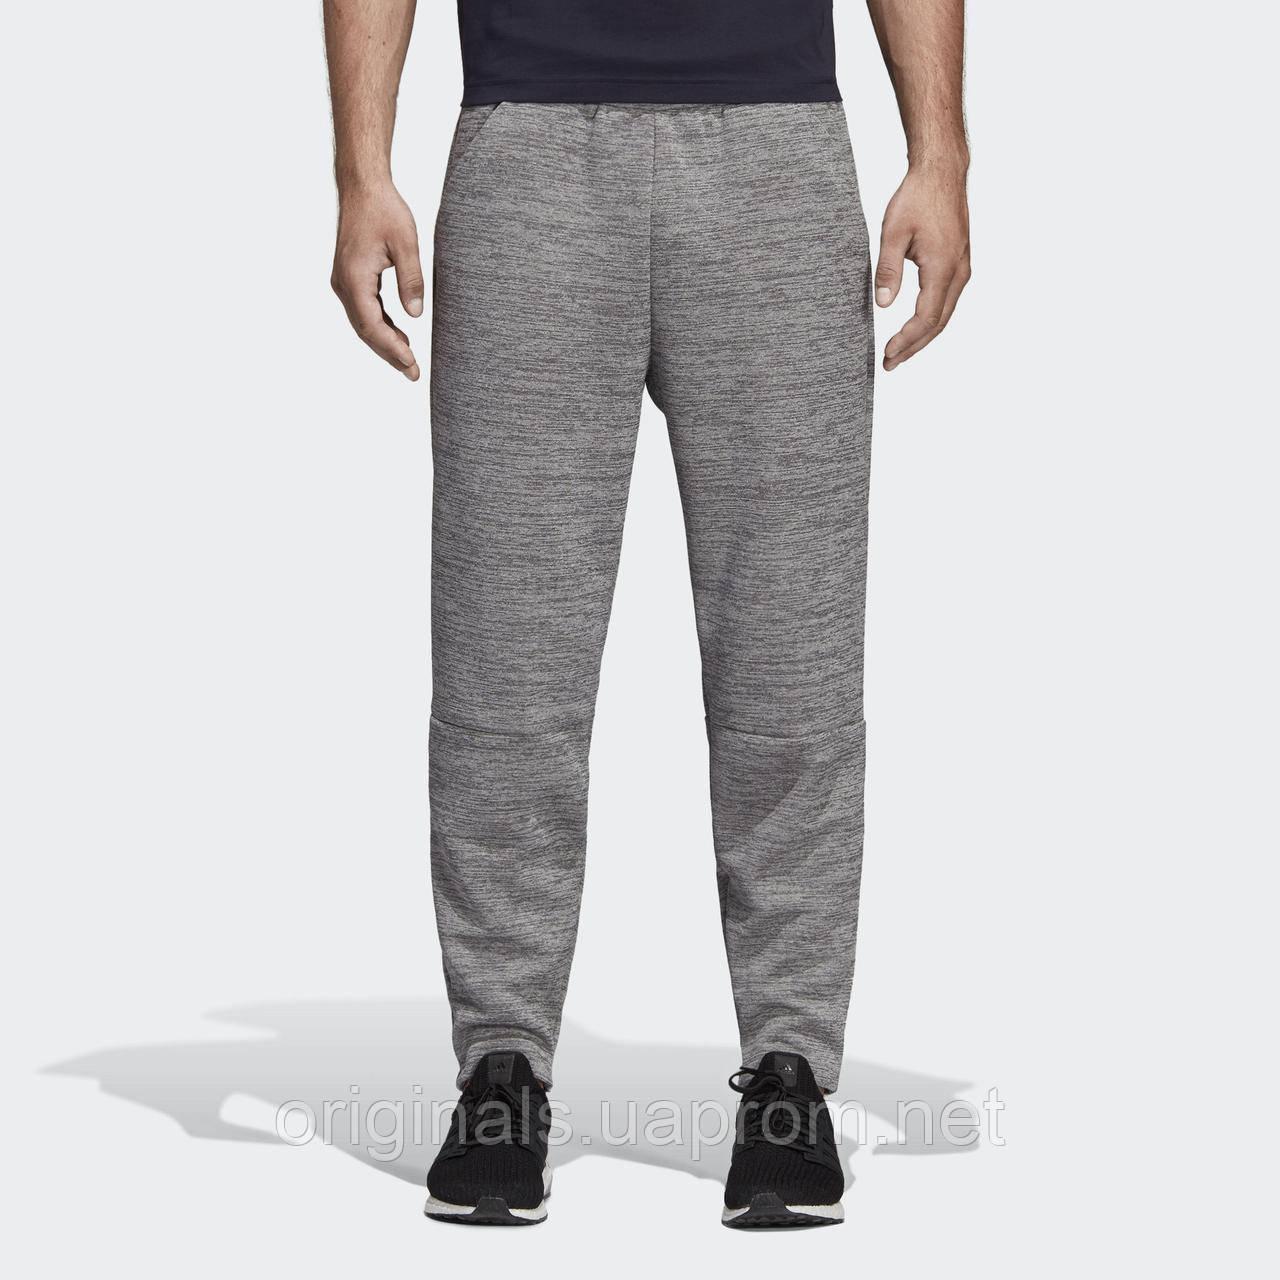 917a80c1 Спортивные штаны adidas Z.N.E. Tapered DP5141 - 2019. В наличии